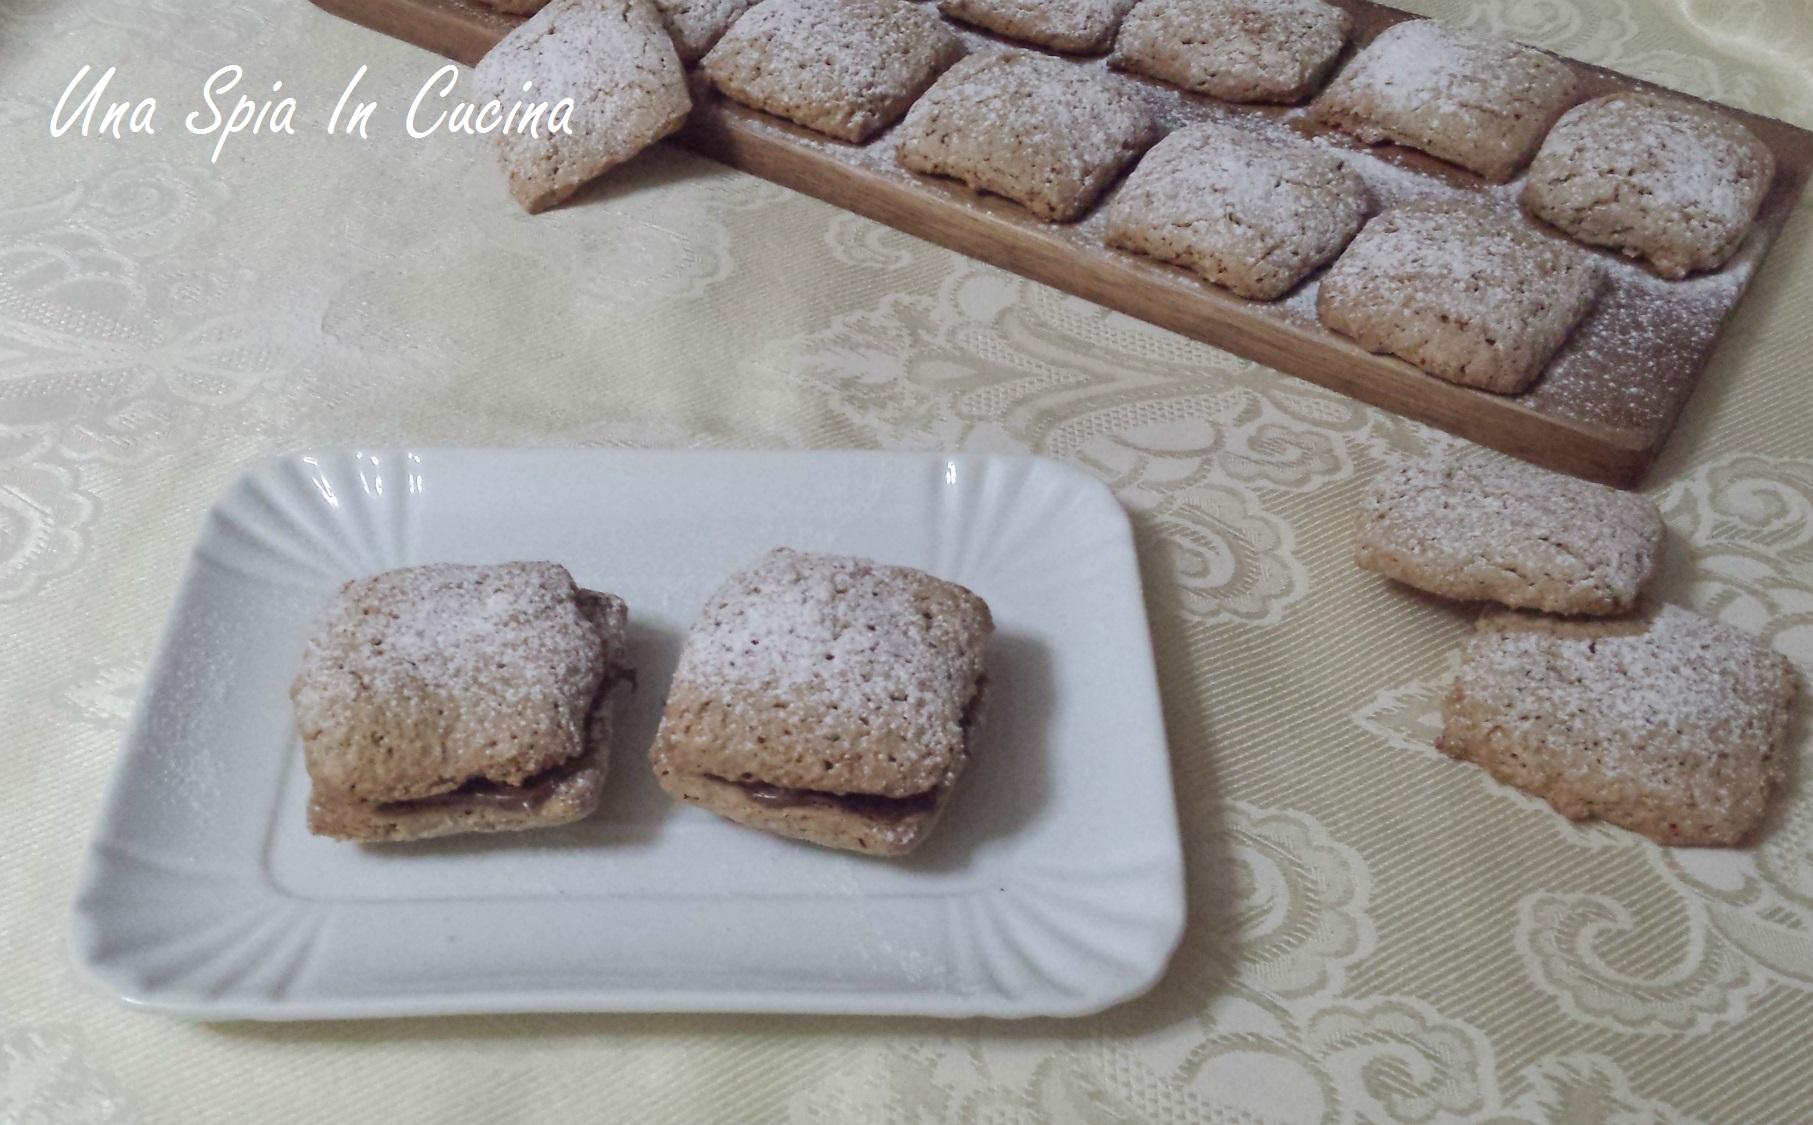 Biscotti con farina di avena e latte di mandorle